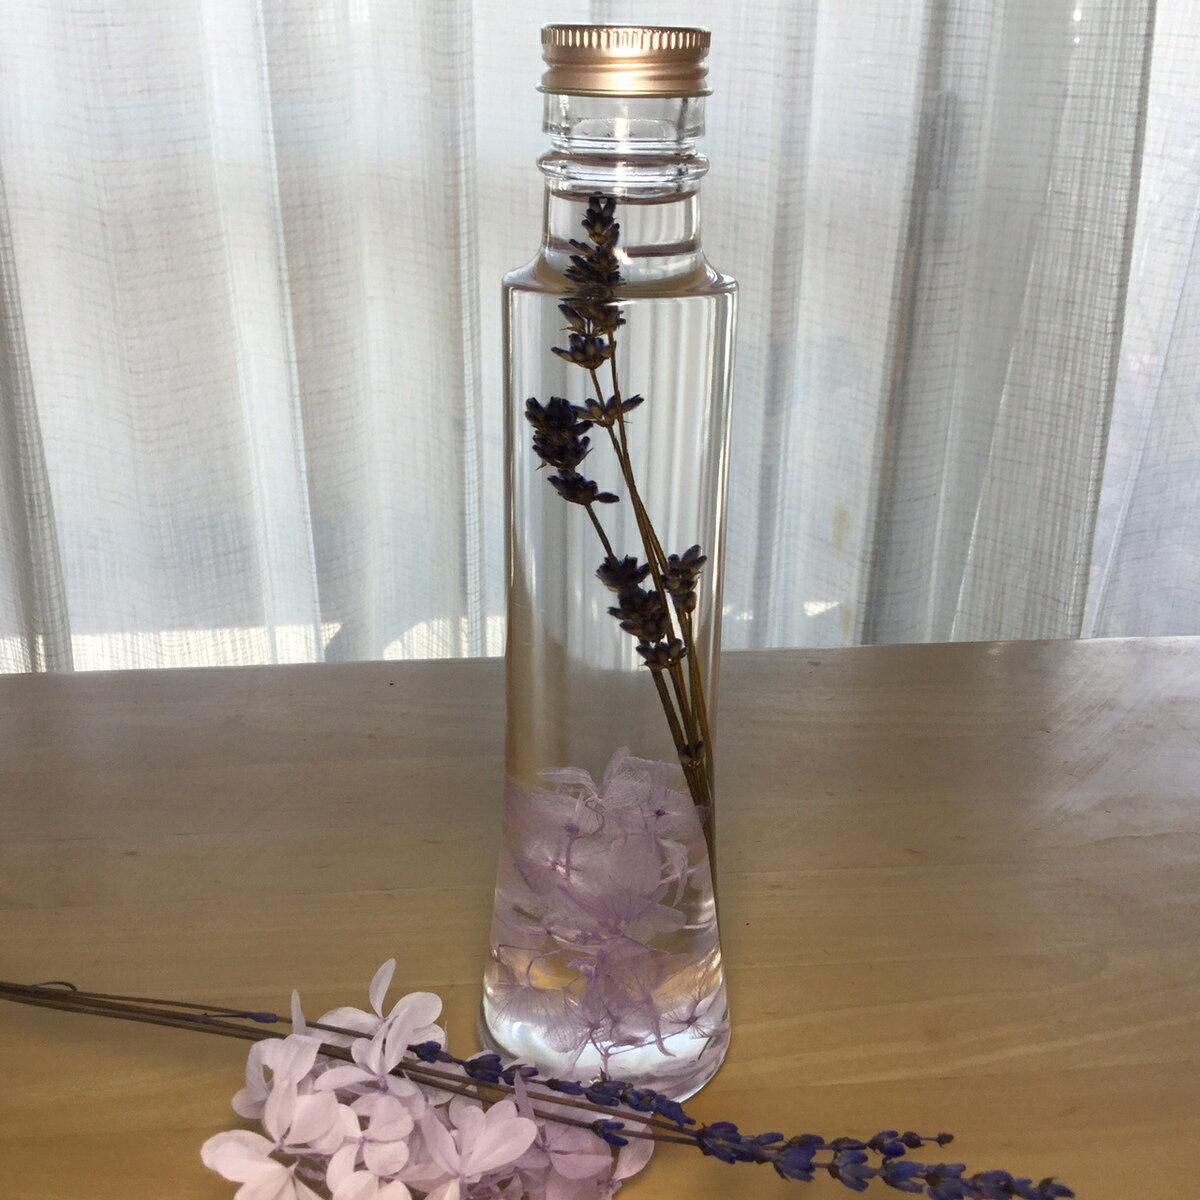 〜プレゼントに最適 癒しのお花〜『ハーバリウムフラワー』コーンボトル ラベンダーハーバリウム 瓶 ビン ガラス瓶 ガラスビン贈り物 贈物新感覚のインテリア雑貨です